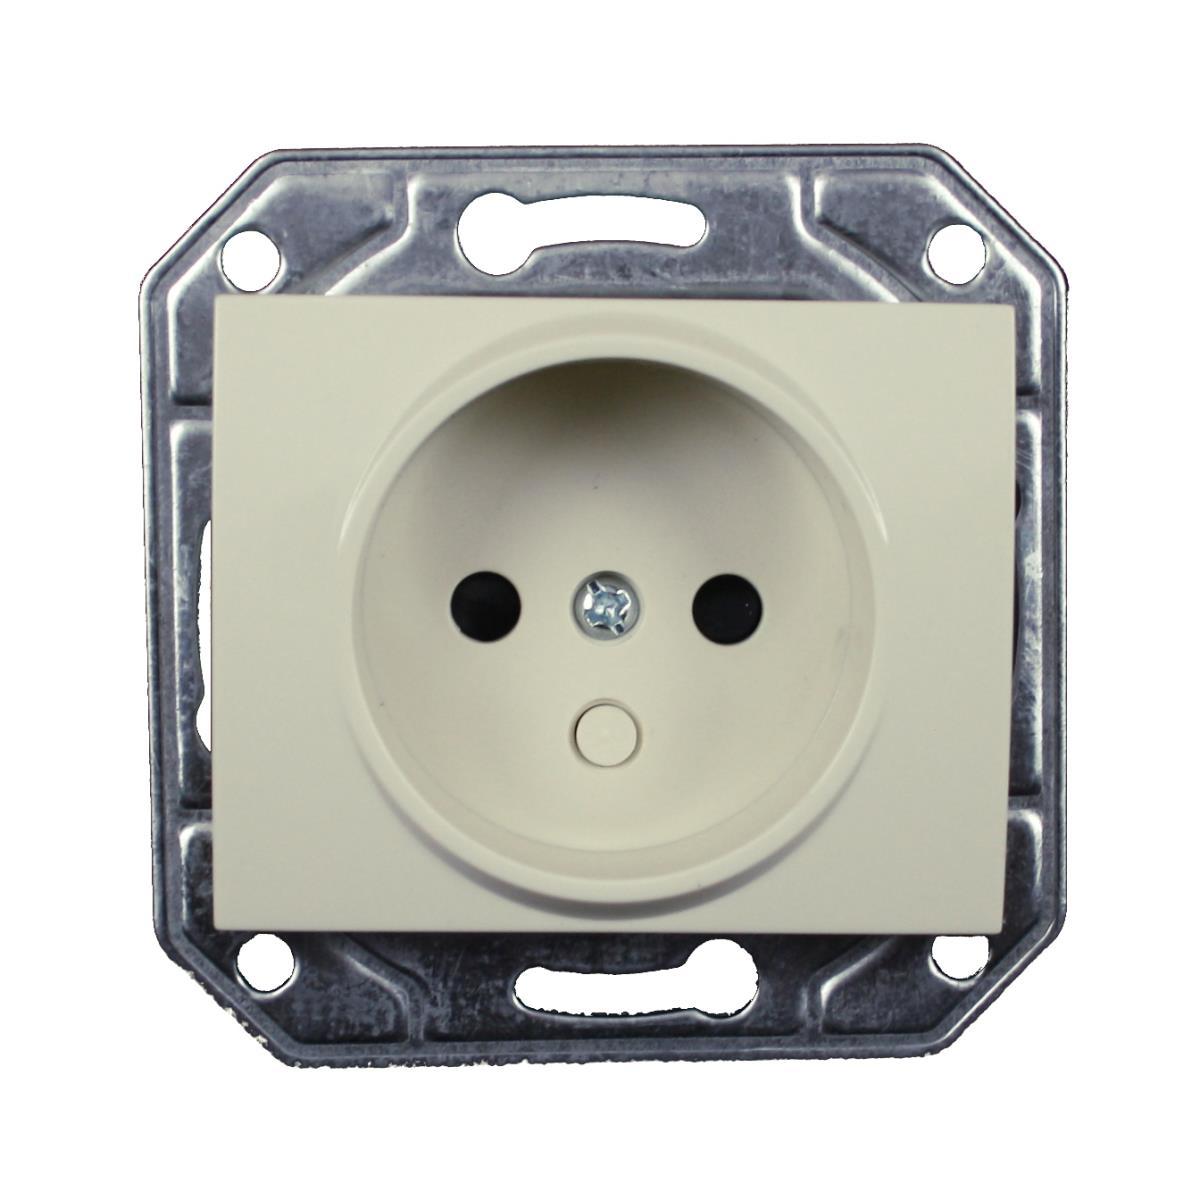 Unterputz Steckdose ohne Schutzkontakt 16 A, 230 V creme weiß Serie TAILI,Vagner SDH,TL1123CRM, 4770364044113